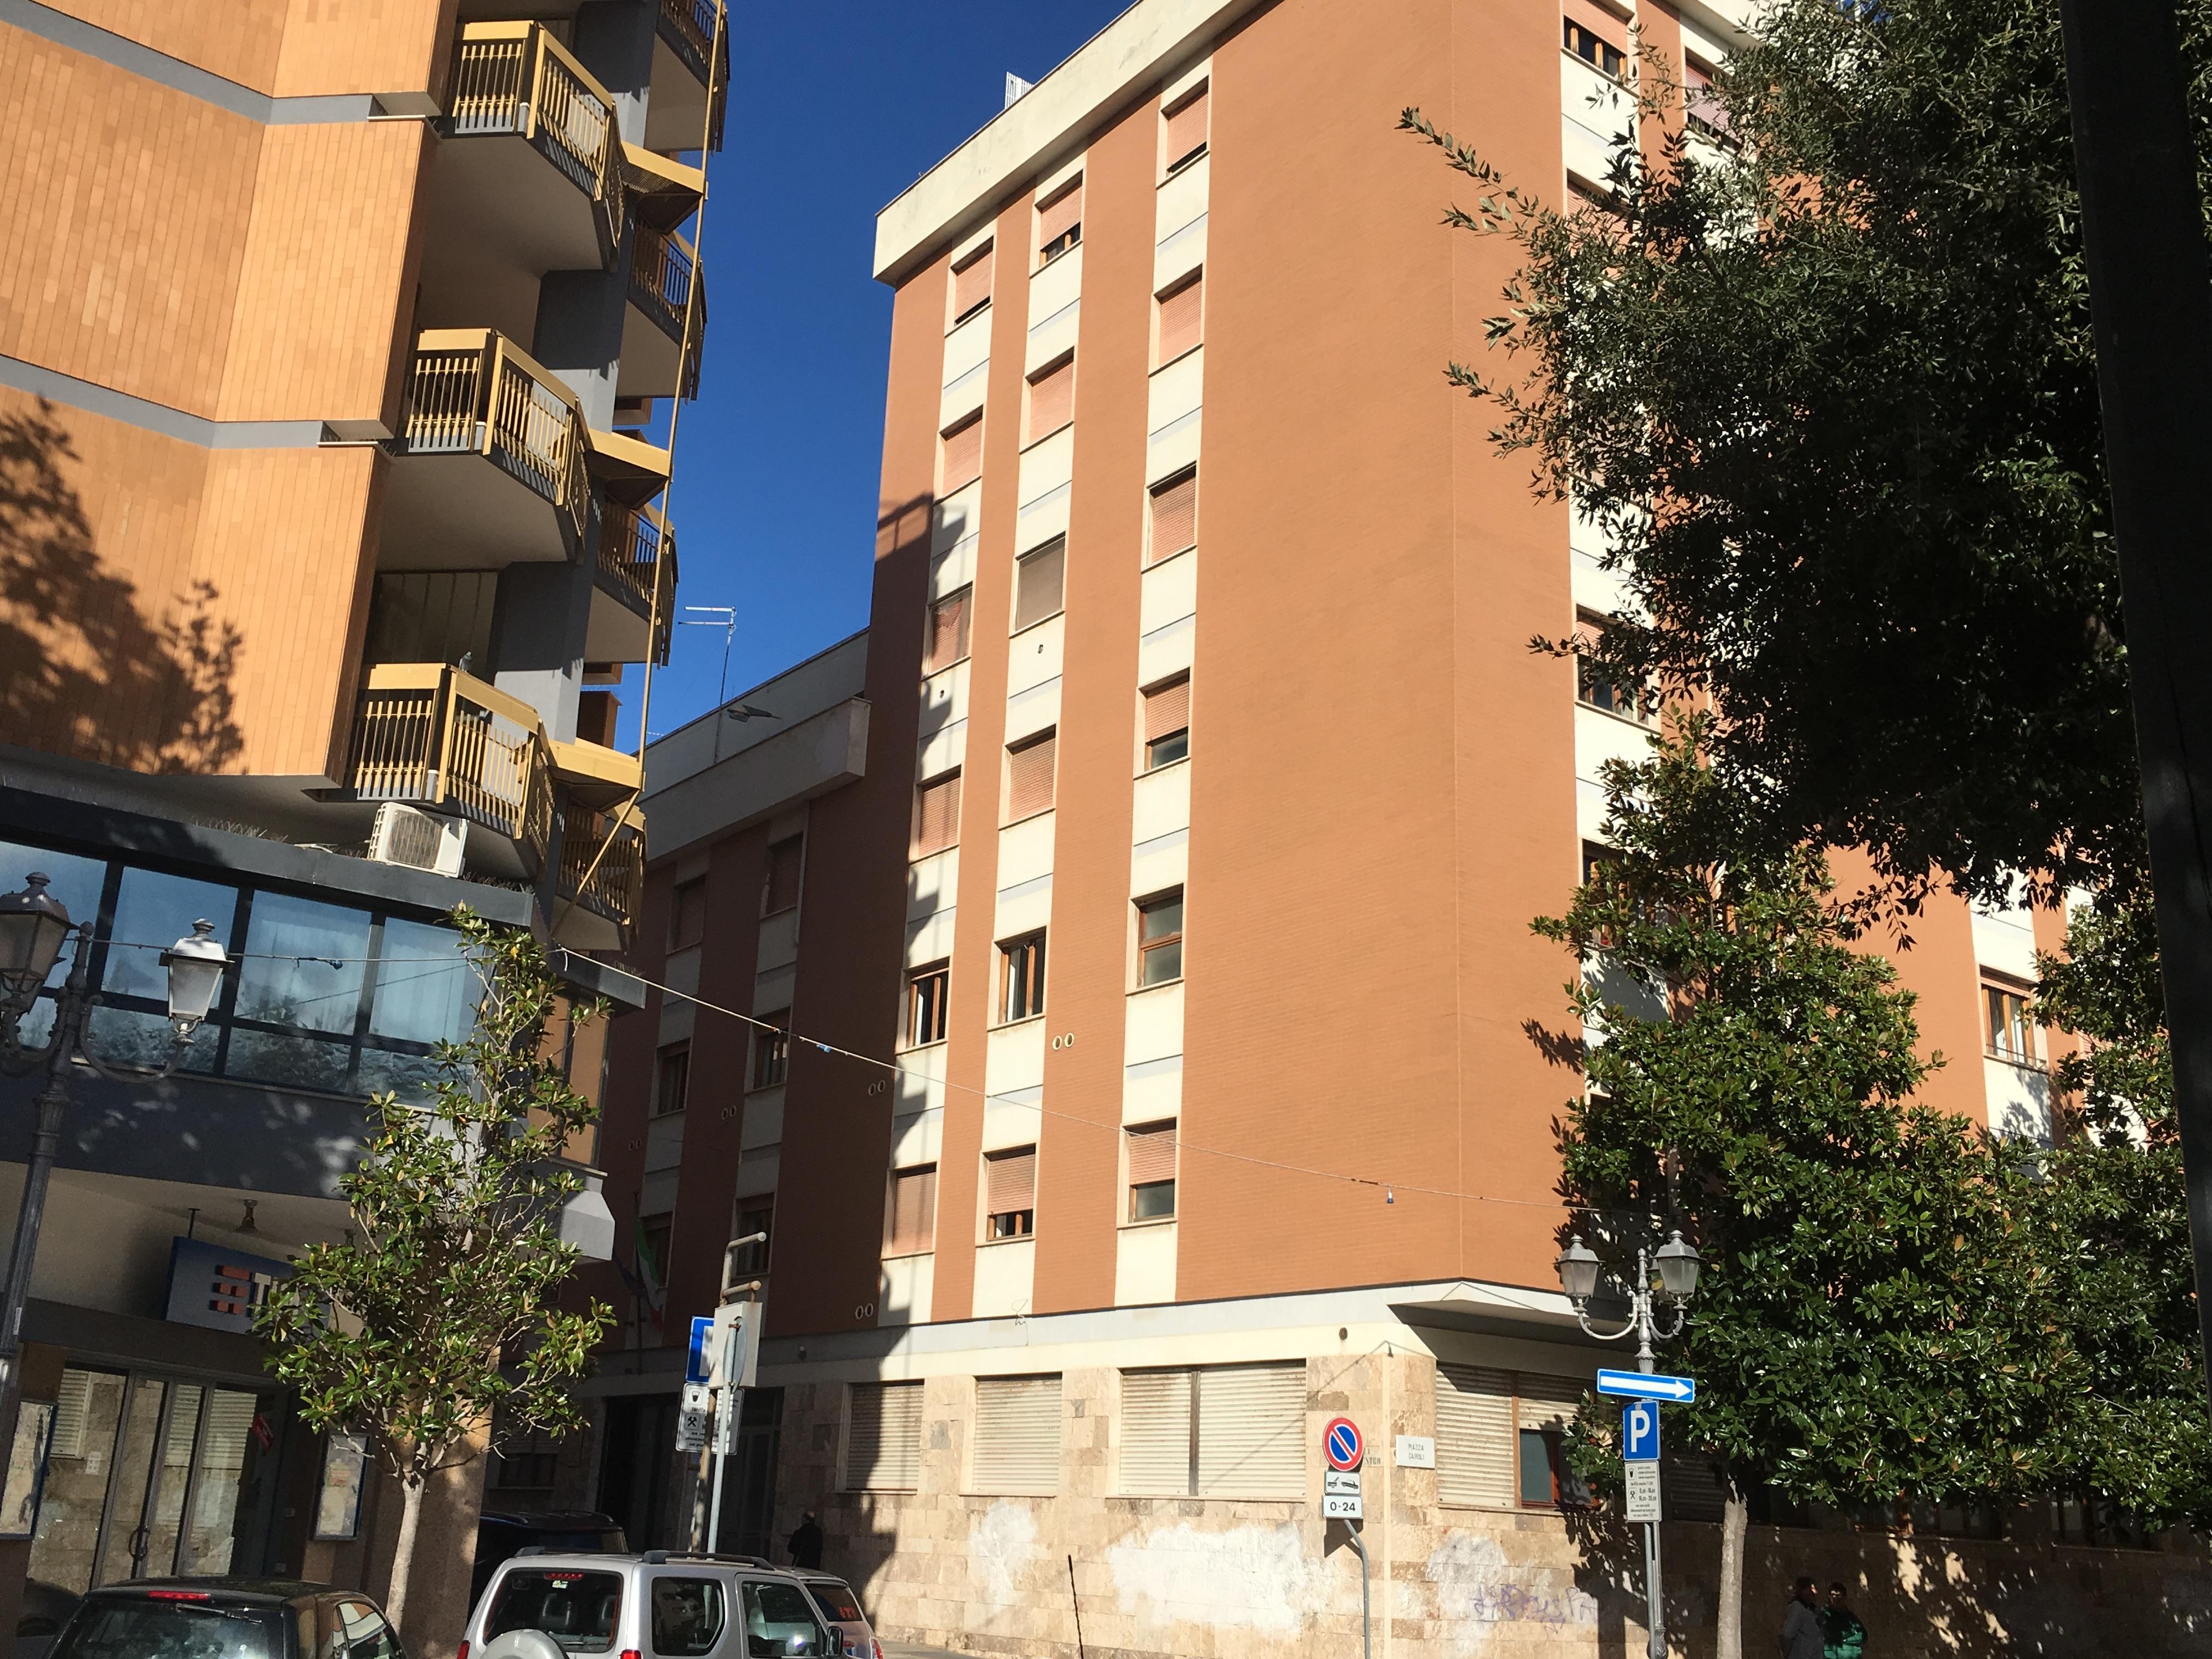 Appartamento centro Brindisi rif.371